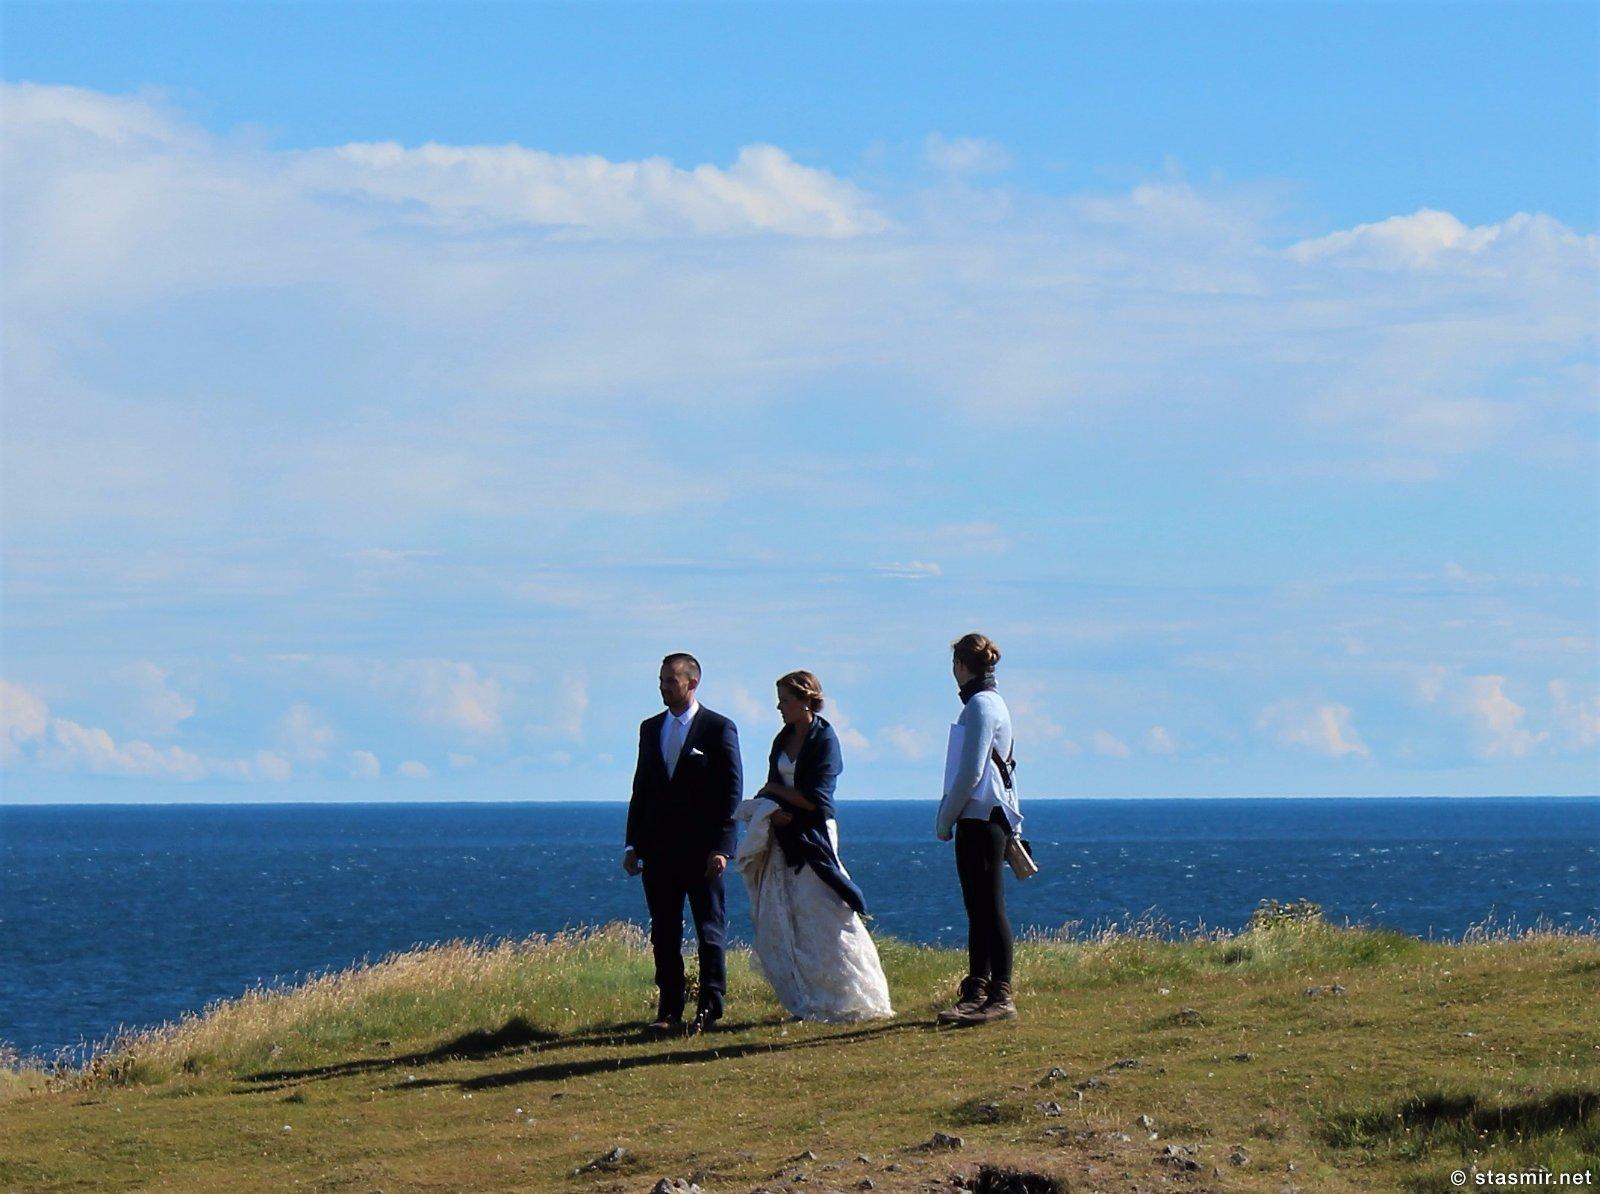 свадьба у океана на полуострове Снайфедльснес, фото Стасмир, photo Stasmir